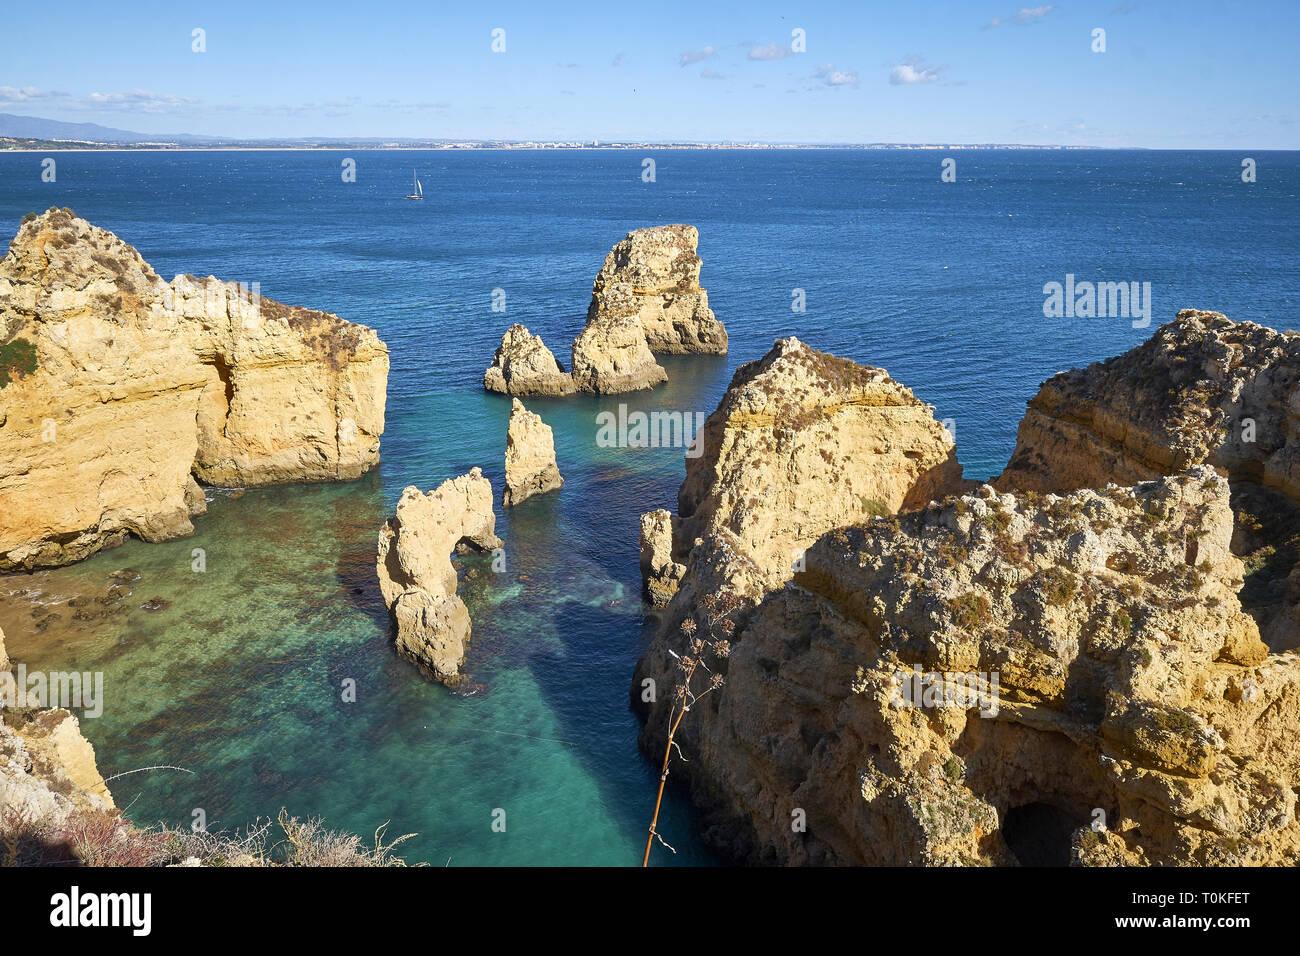 Côte Rocheuse à Ponta da Piedade près de Lagos, Algarve, Faro, Portugal Banque D'Images